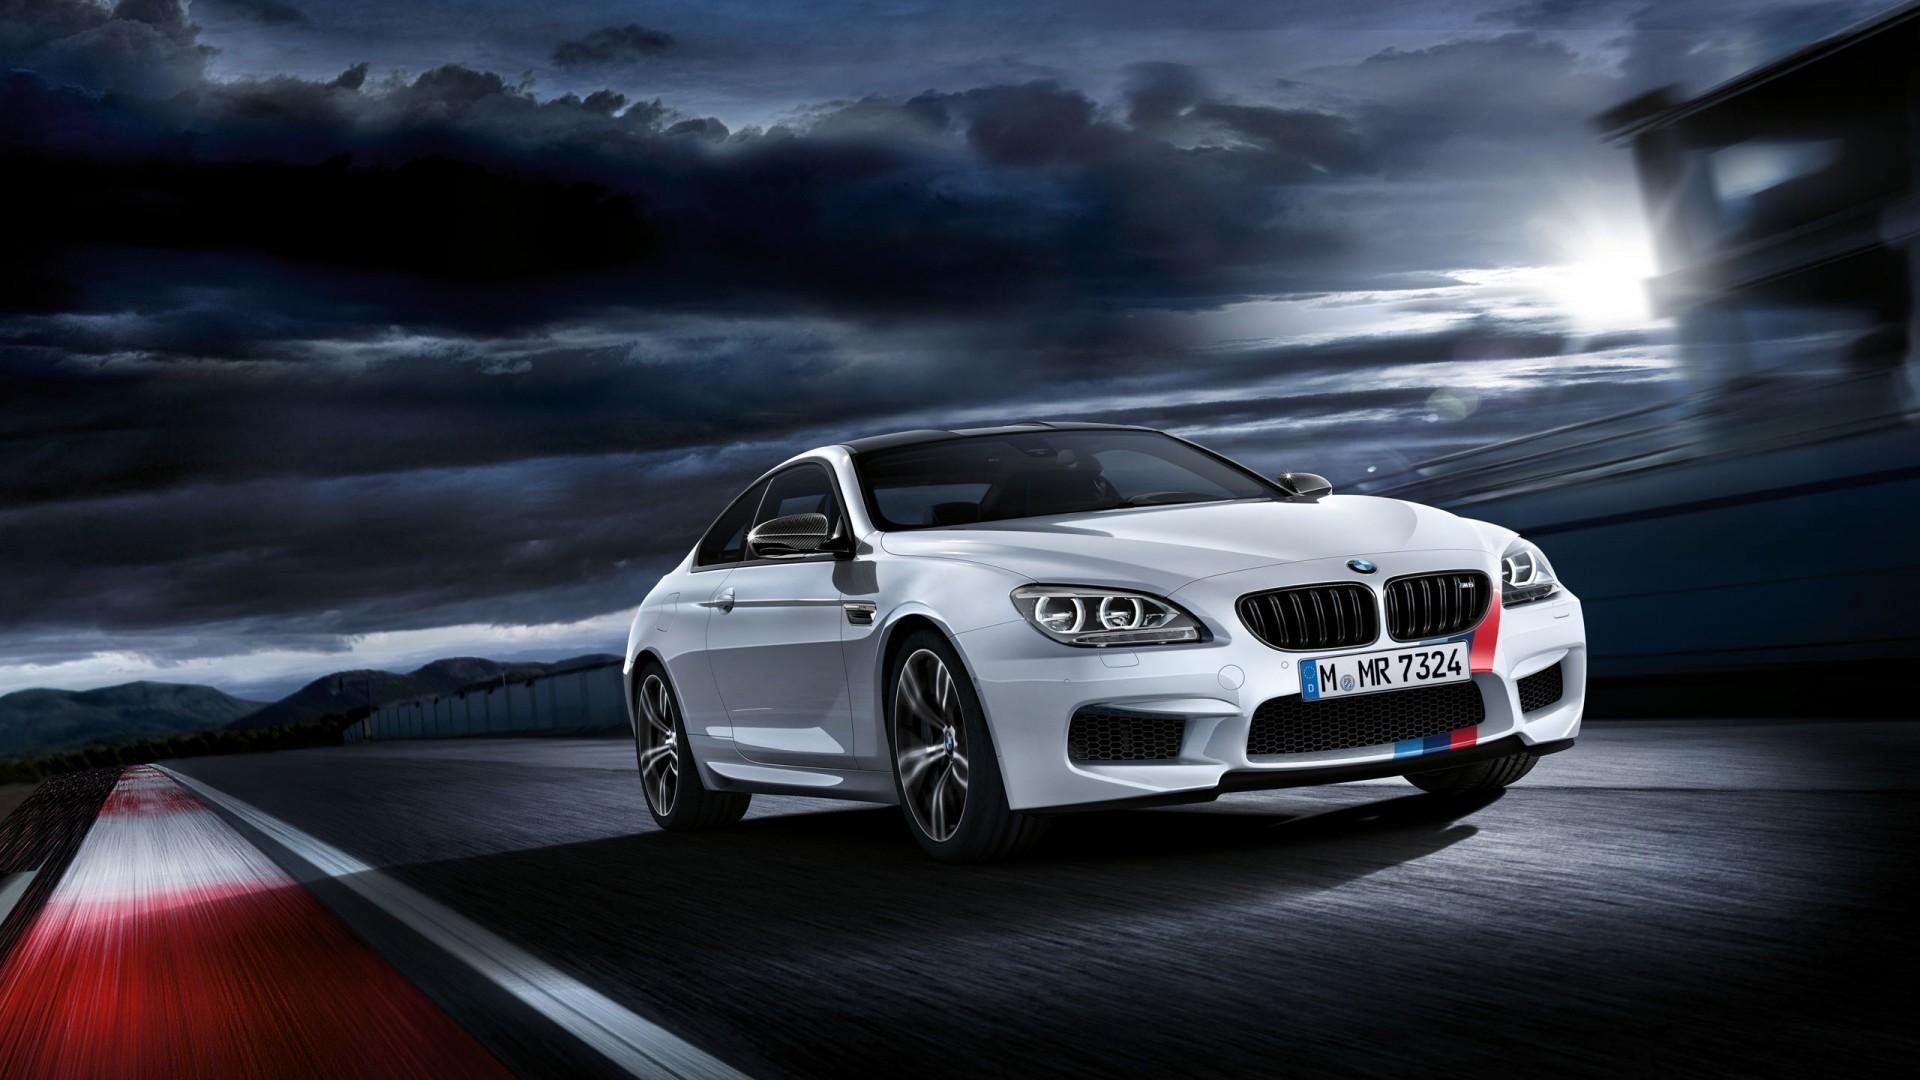 2013 BMW M6 Wallpaper | HD Car Wallpapers | ID #3918